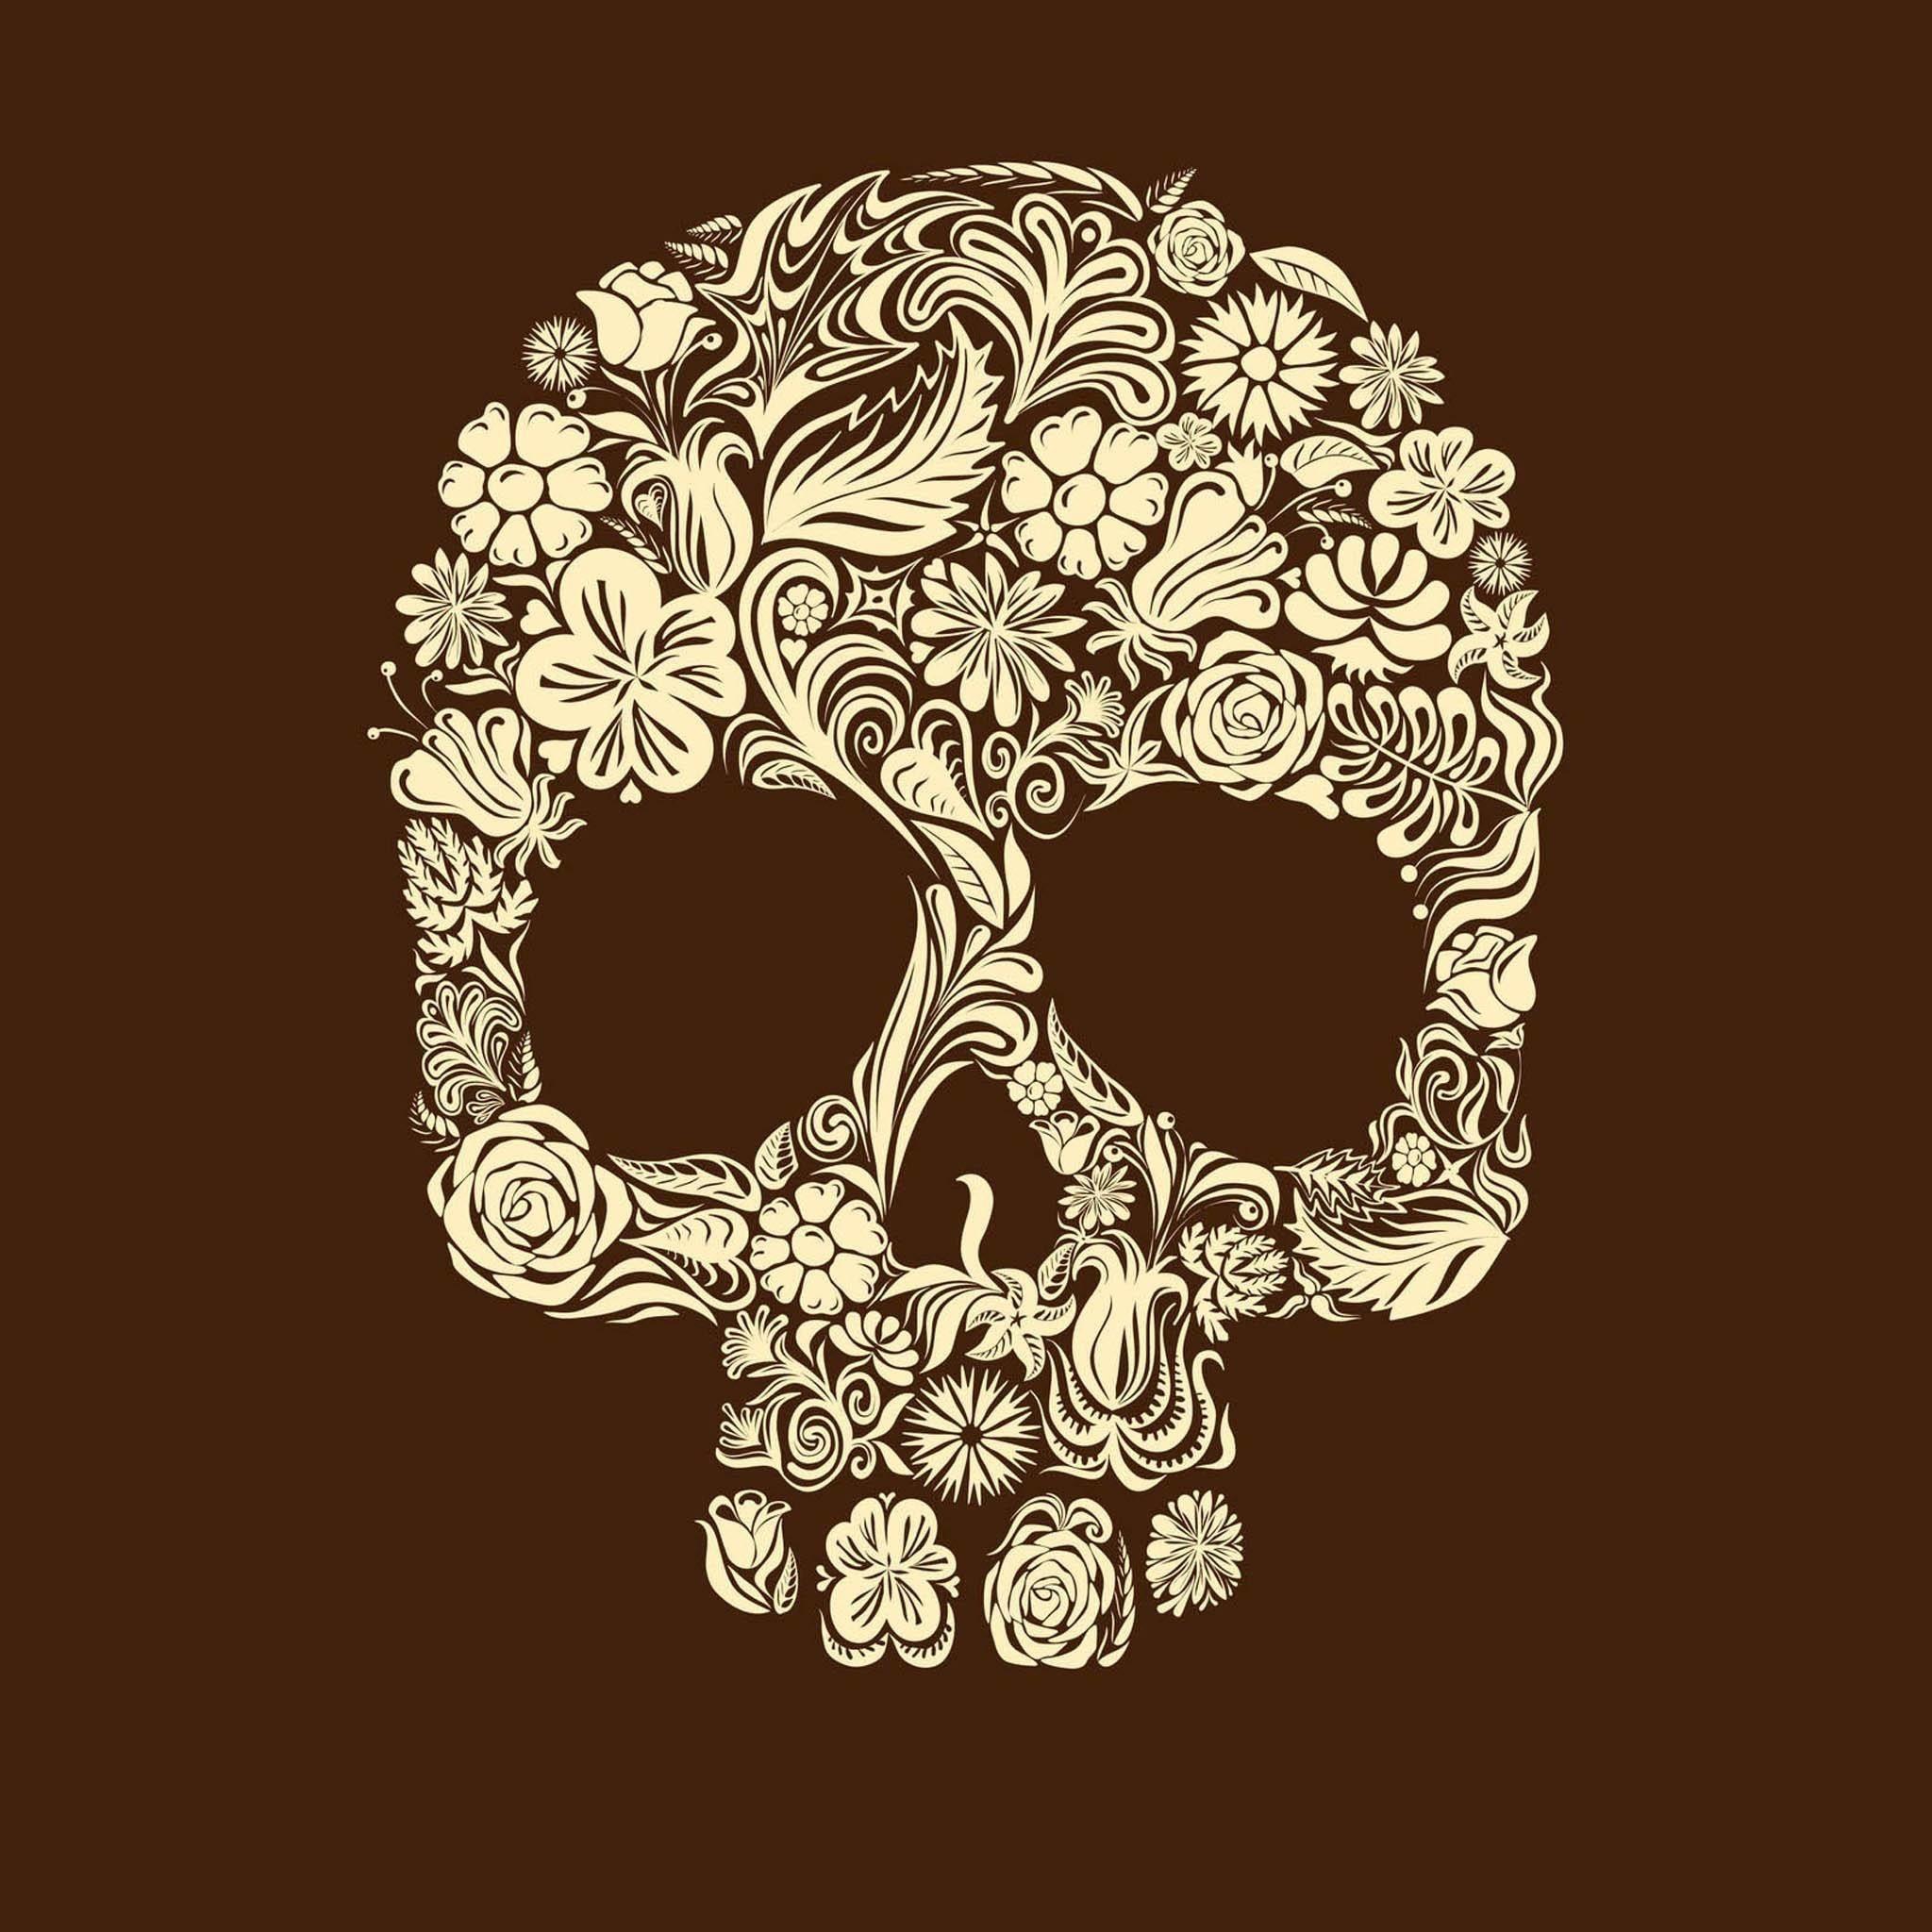 HD Sugar Skull Wallpaper (64+ images)